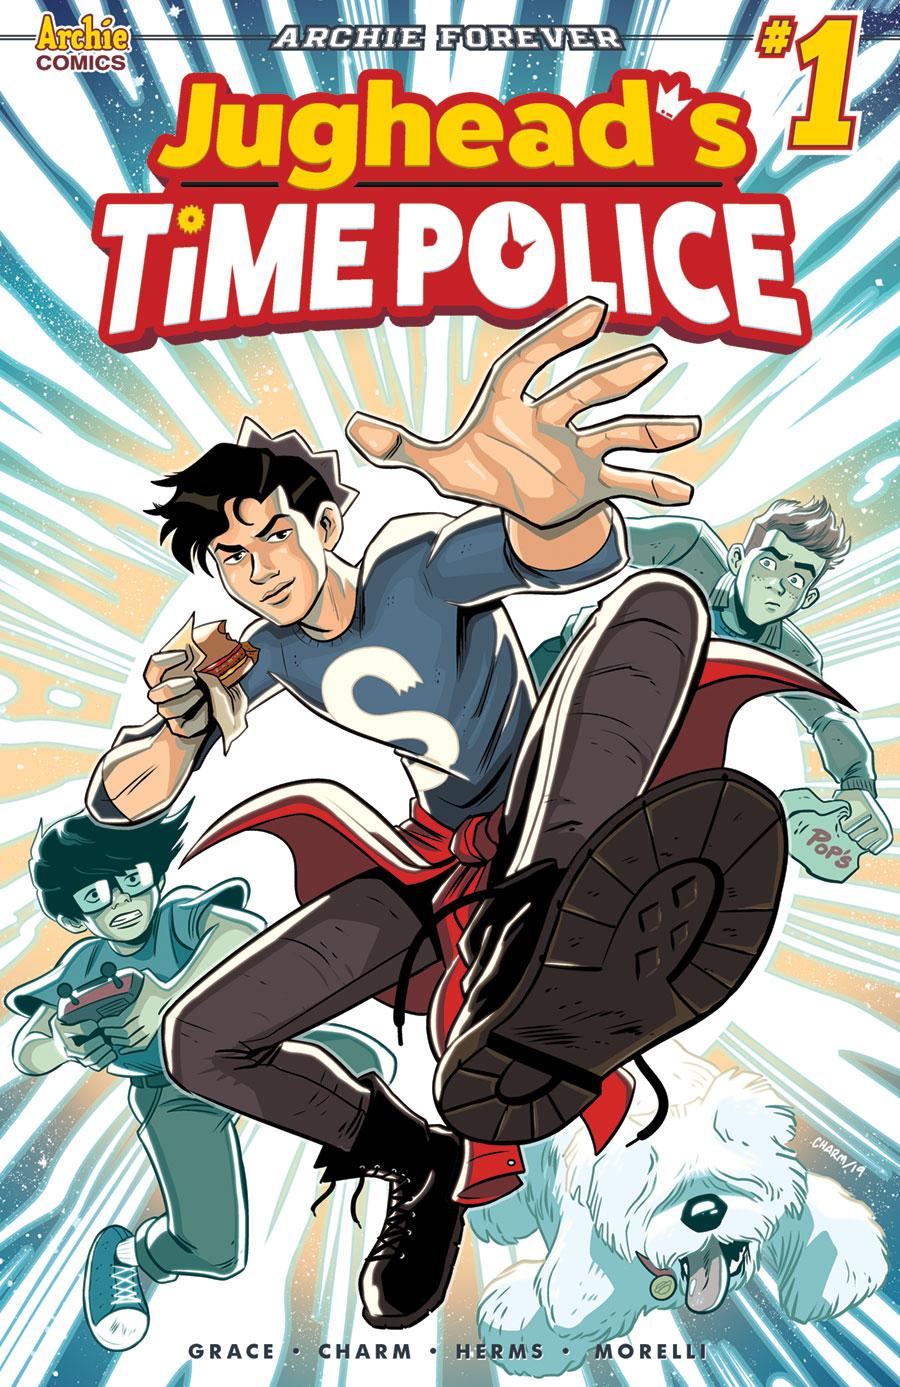 JUGHEAD'S TIME POLICE #1: CVR A Charm